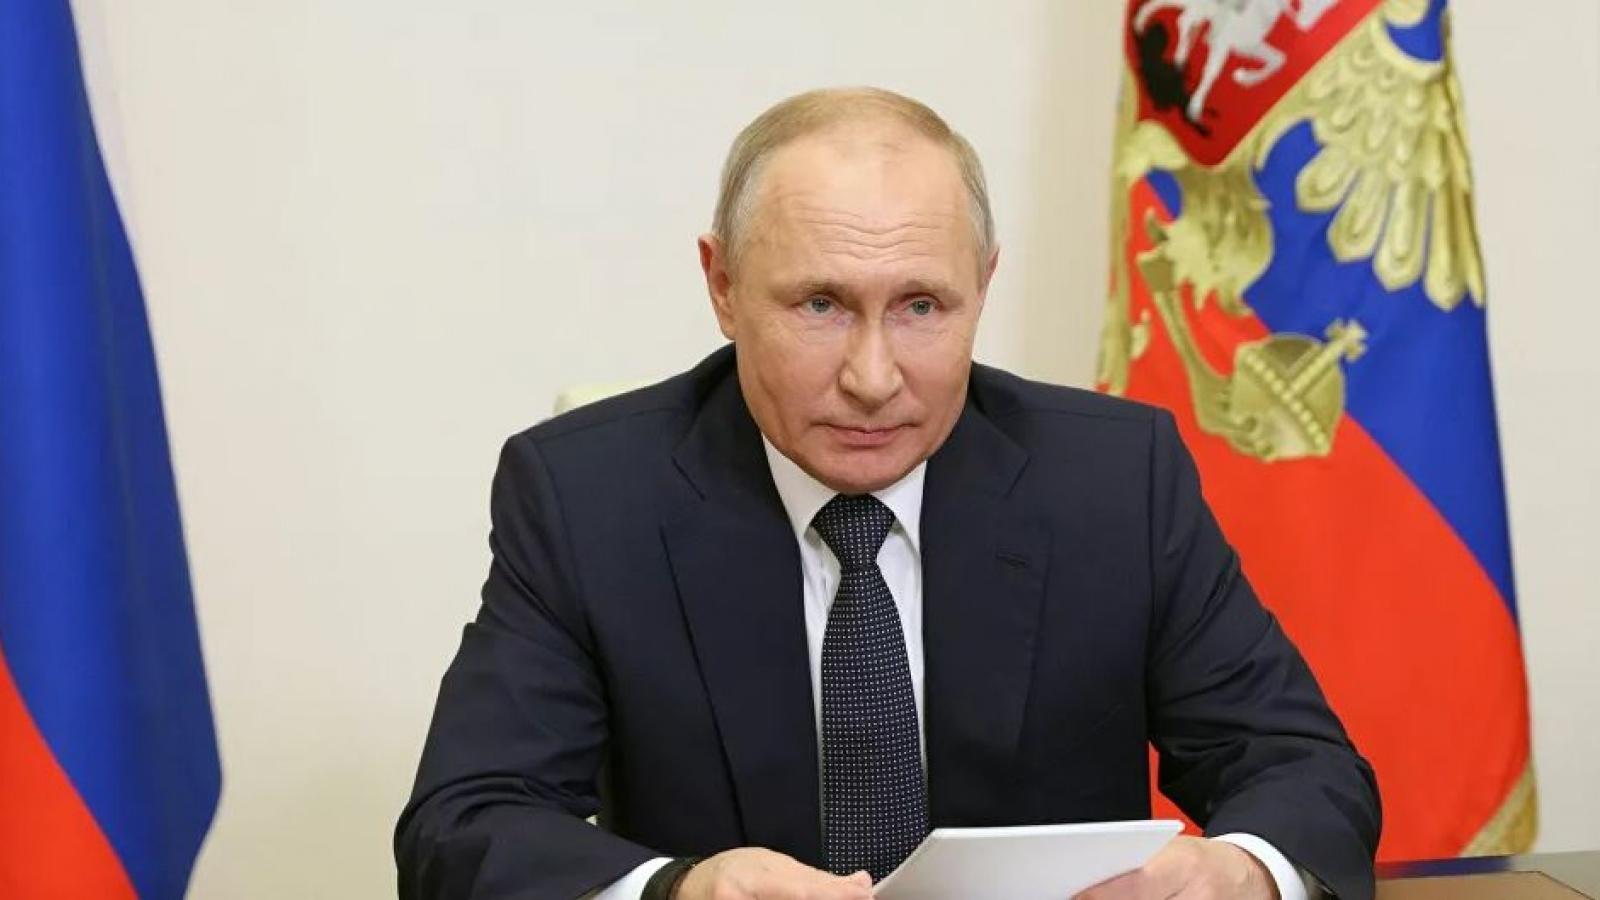 """Tổng thống Putin cảnh báo hậu quả nếu bất kỳ nước nào định """"cắn chiếc bánh của Nga"""""""